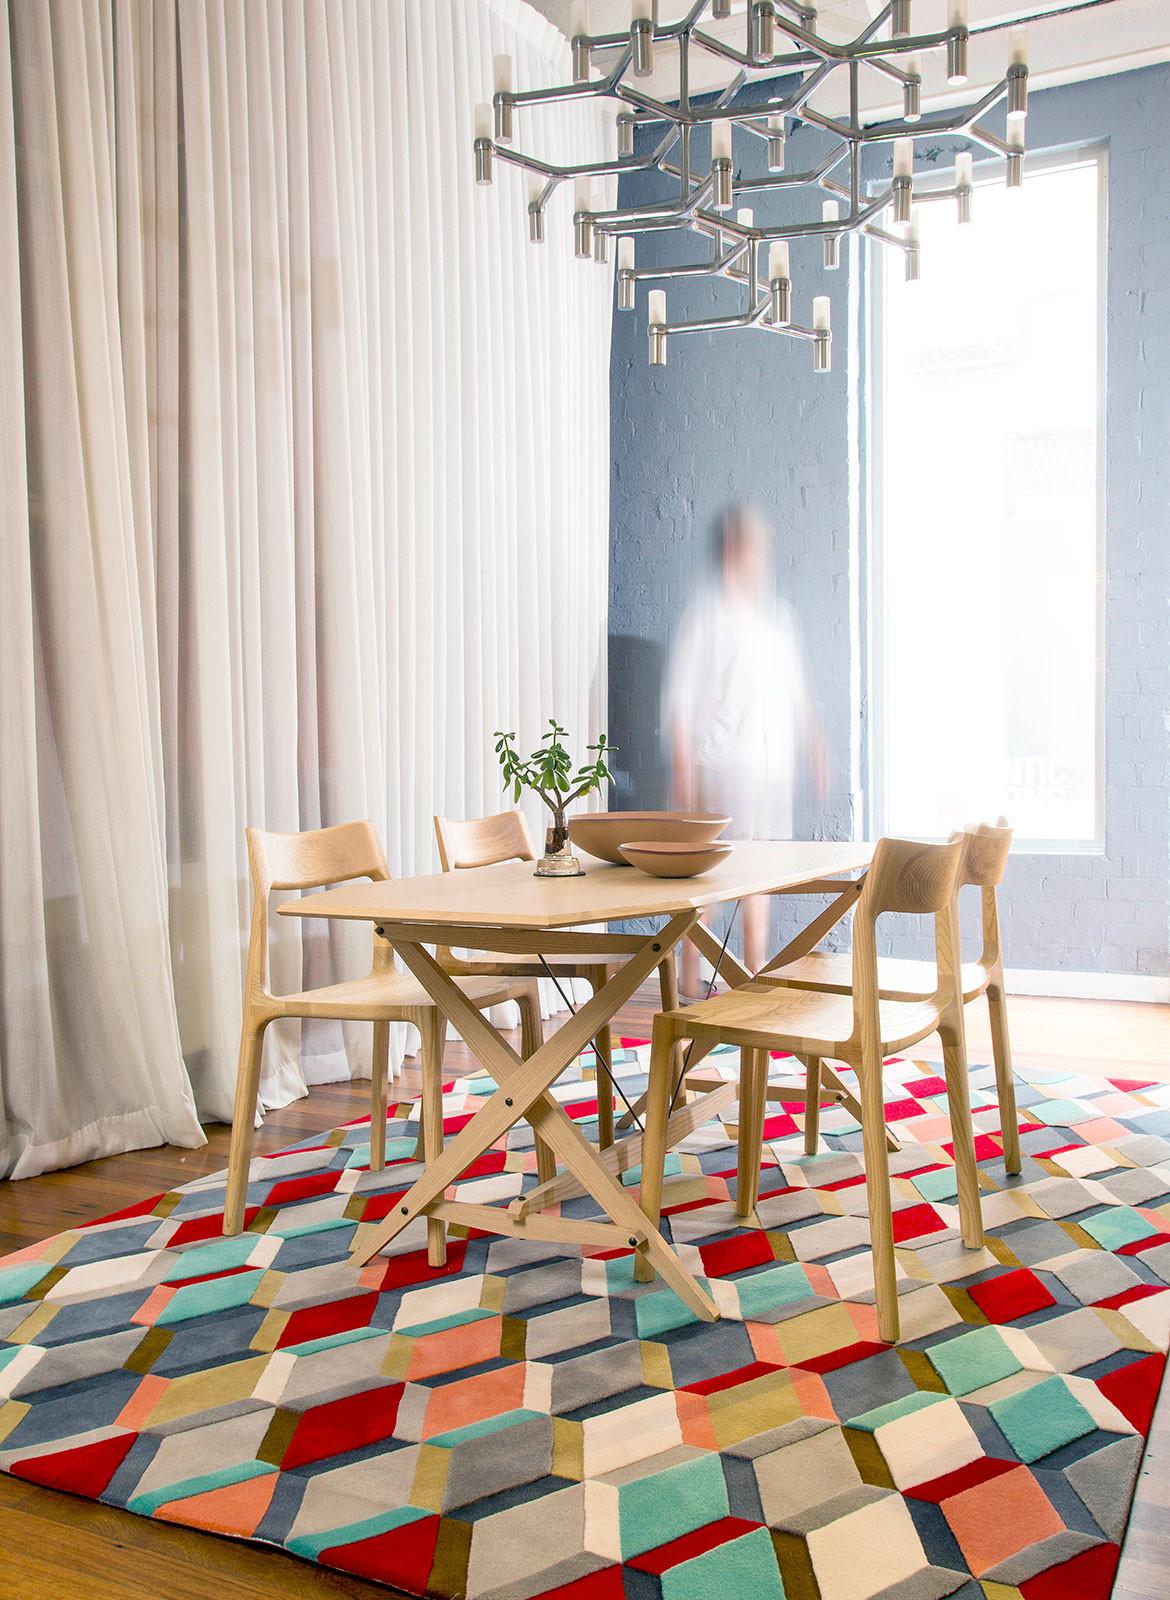 Kimono Rug Designer Rugs Habitus Loves Maximalism | Habitus Living